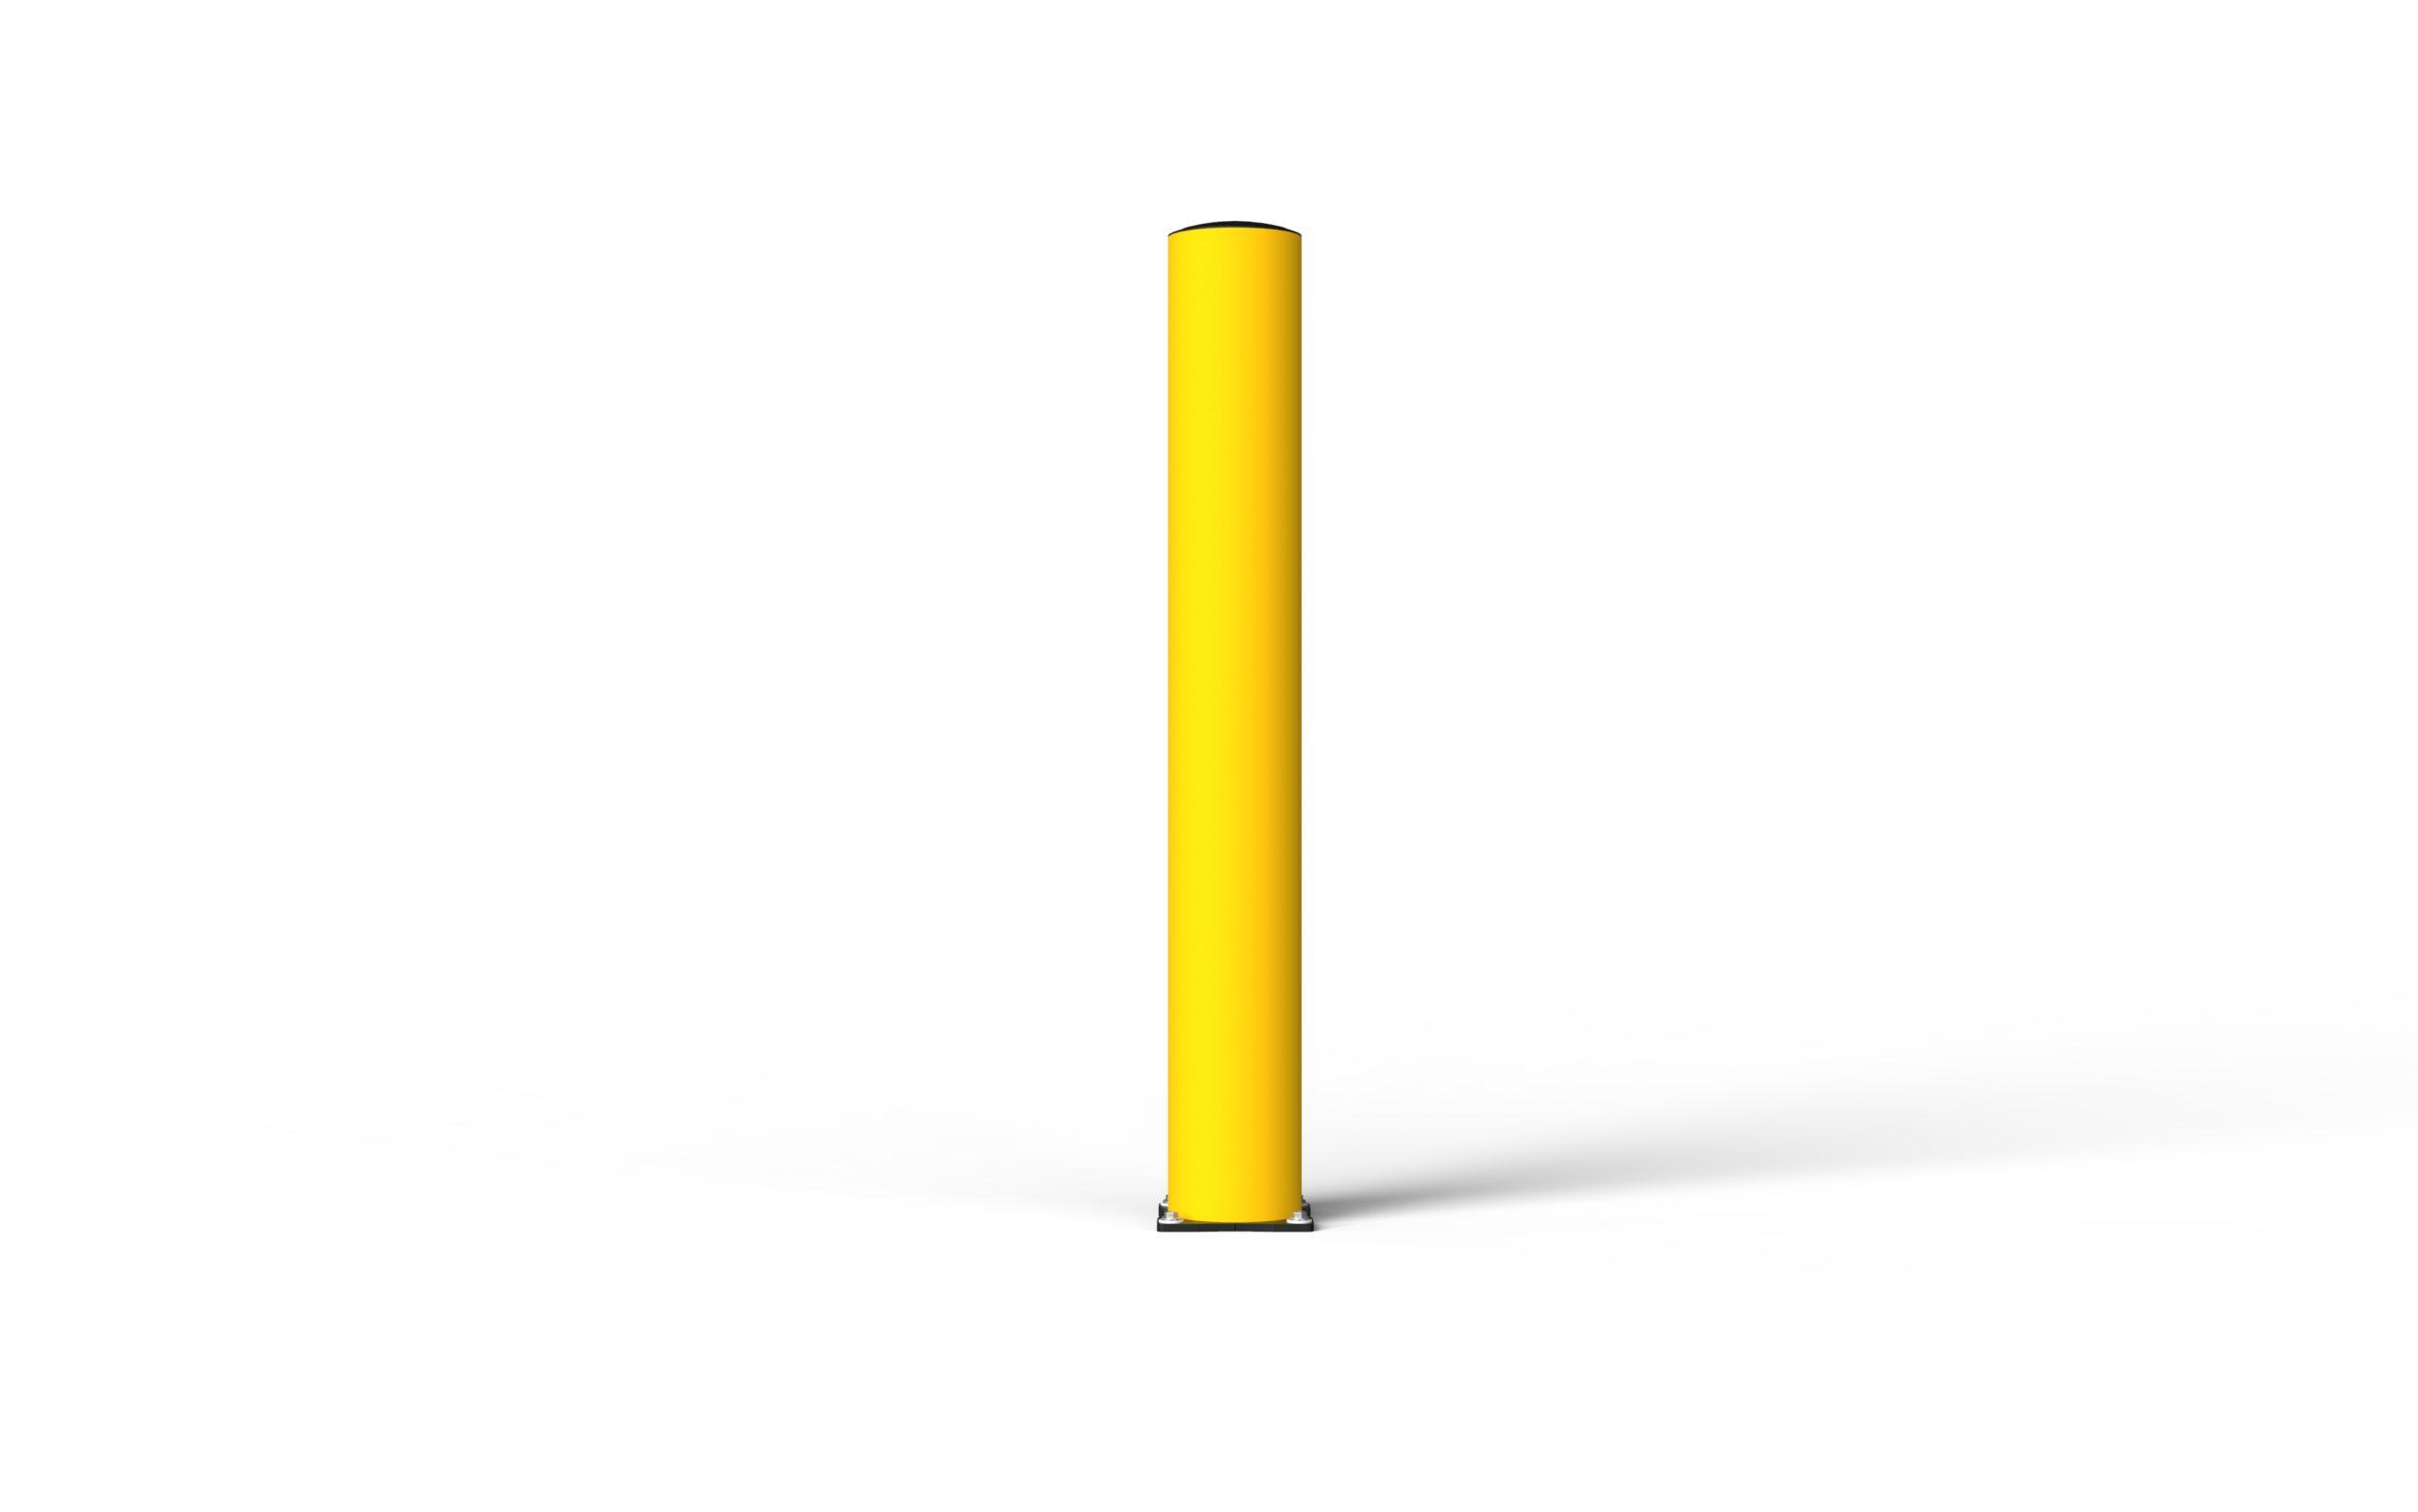 Schutzpoller boplan® BO Impact Ø200 – Höhe 1500 mm – gelb mit galvanisch verzinkter Bodenplatte